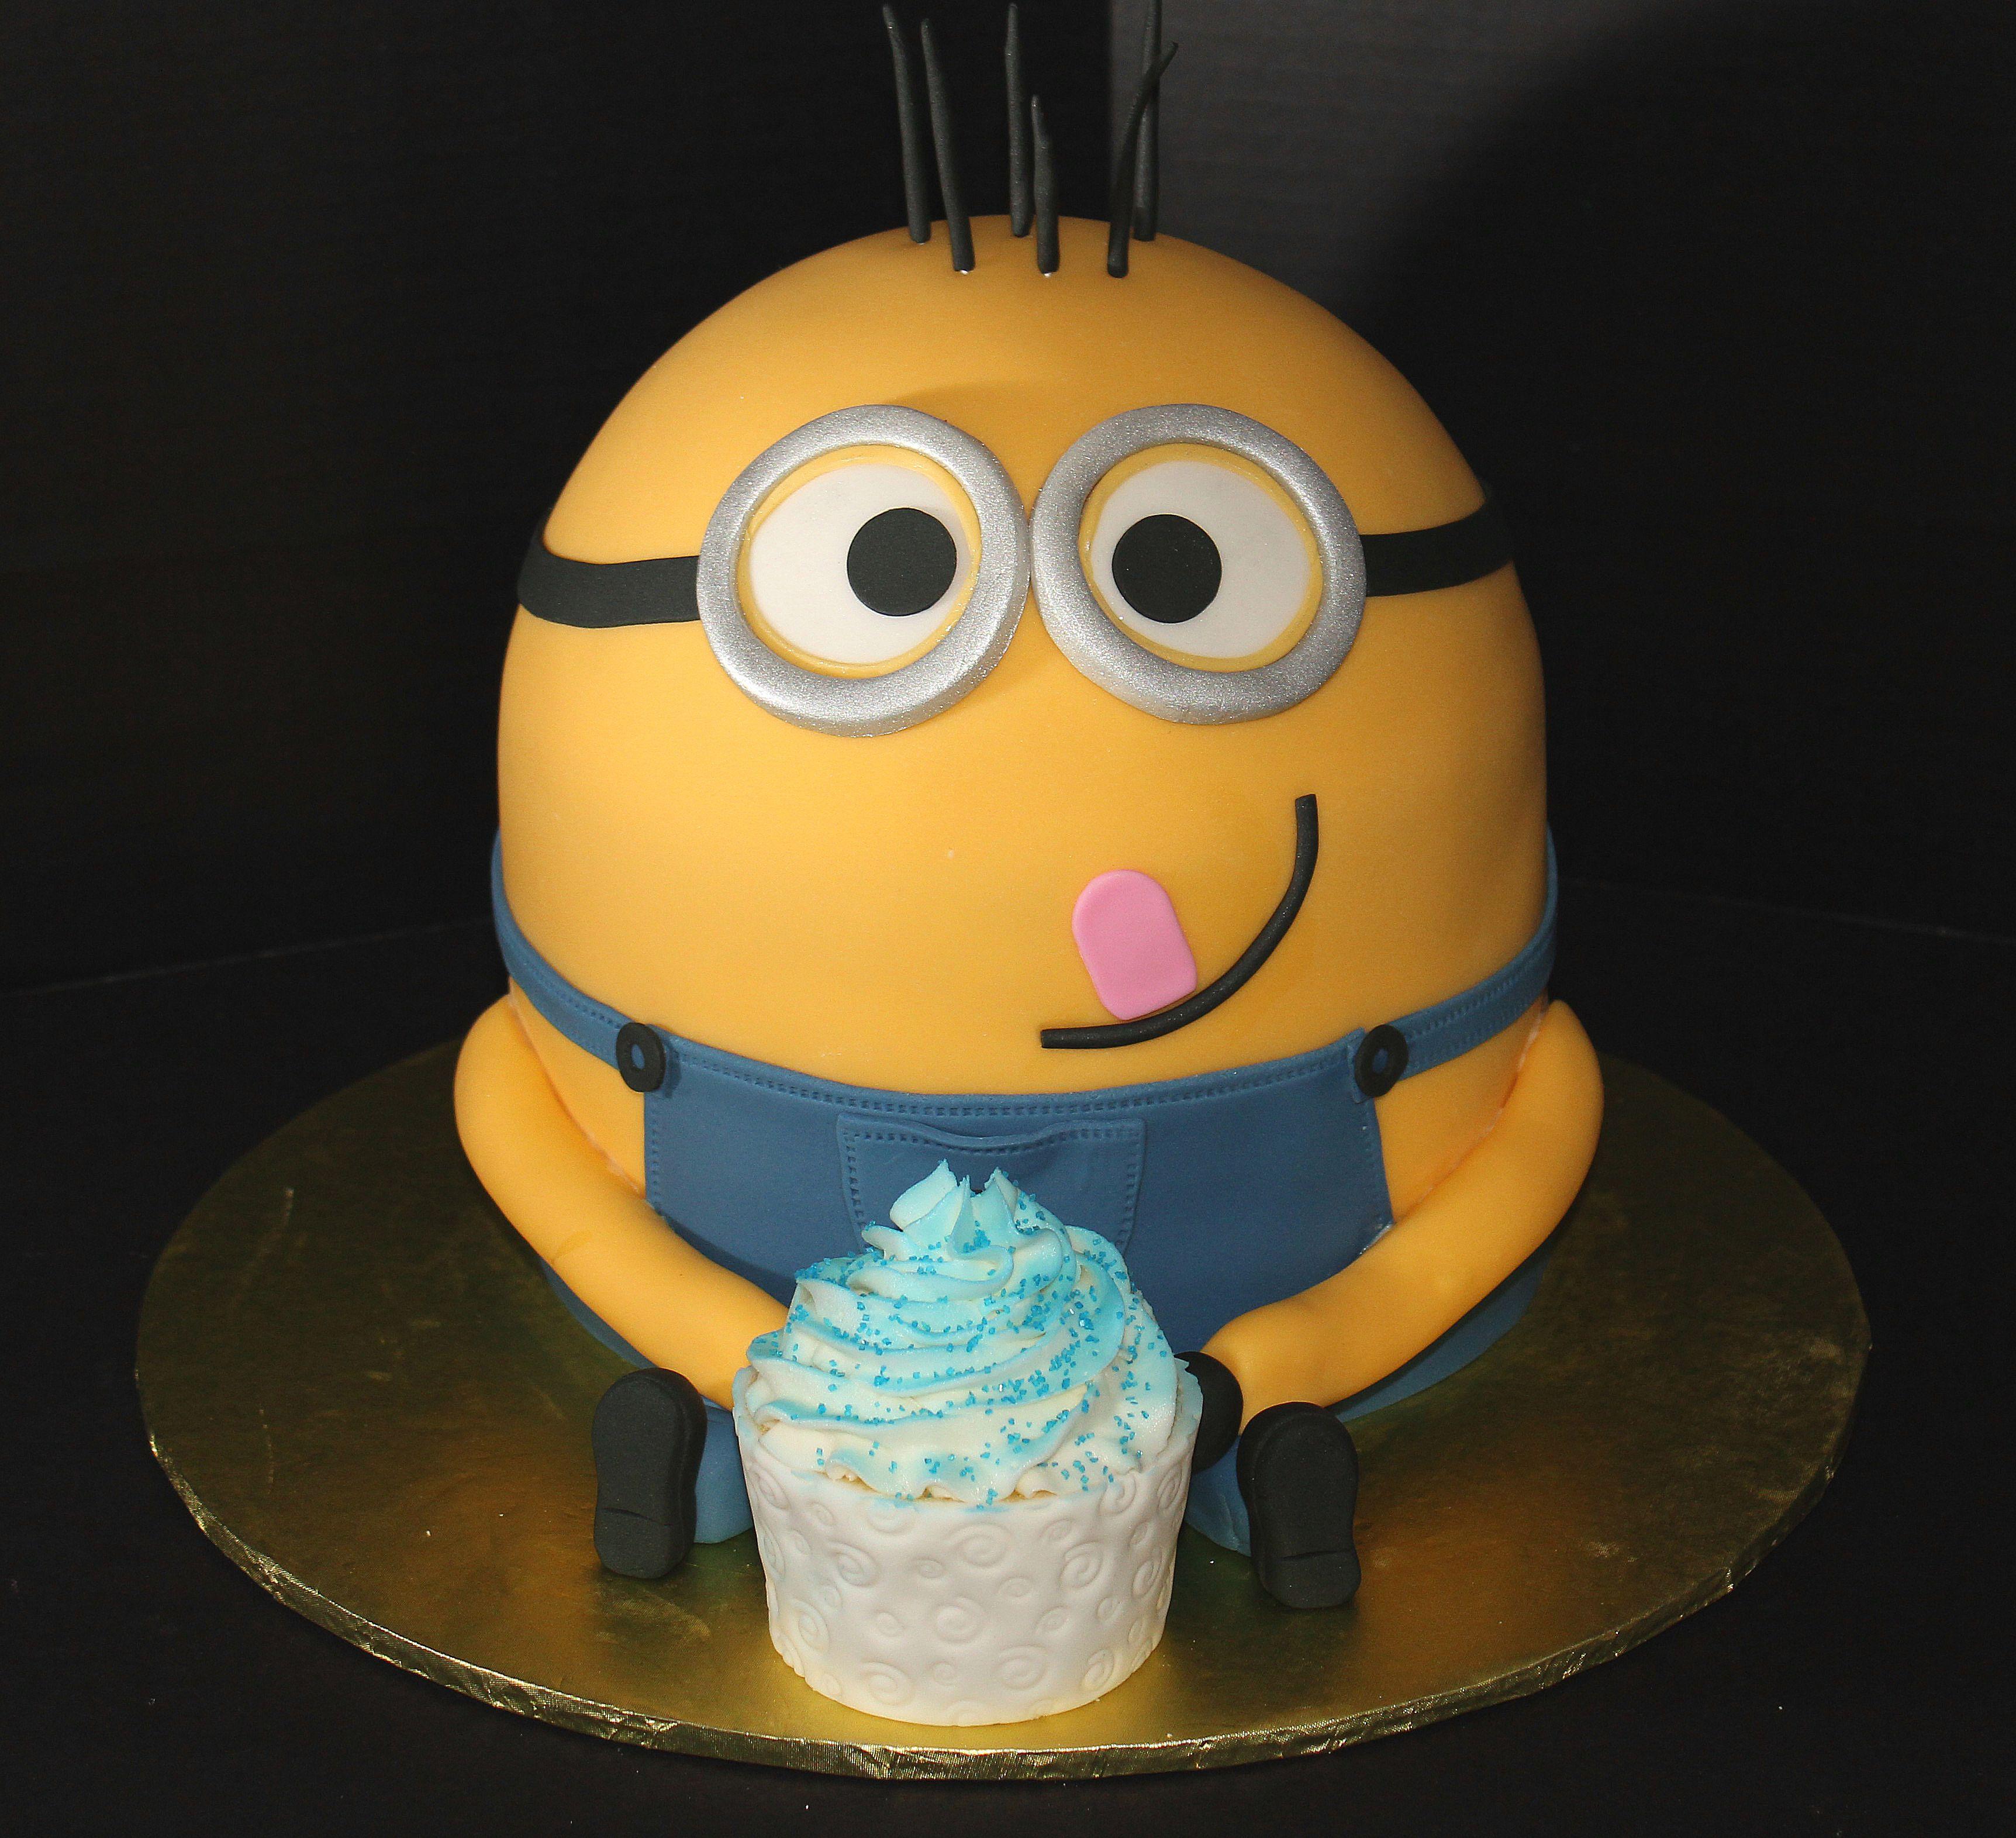 Kids Birthday Cake by Cecy Huezo wwwdelightfulcakesbycecycom